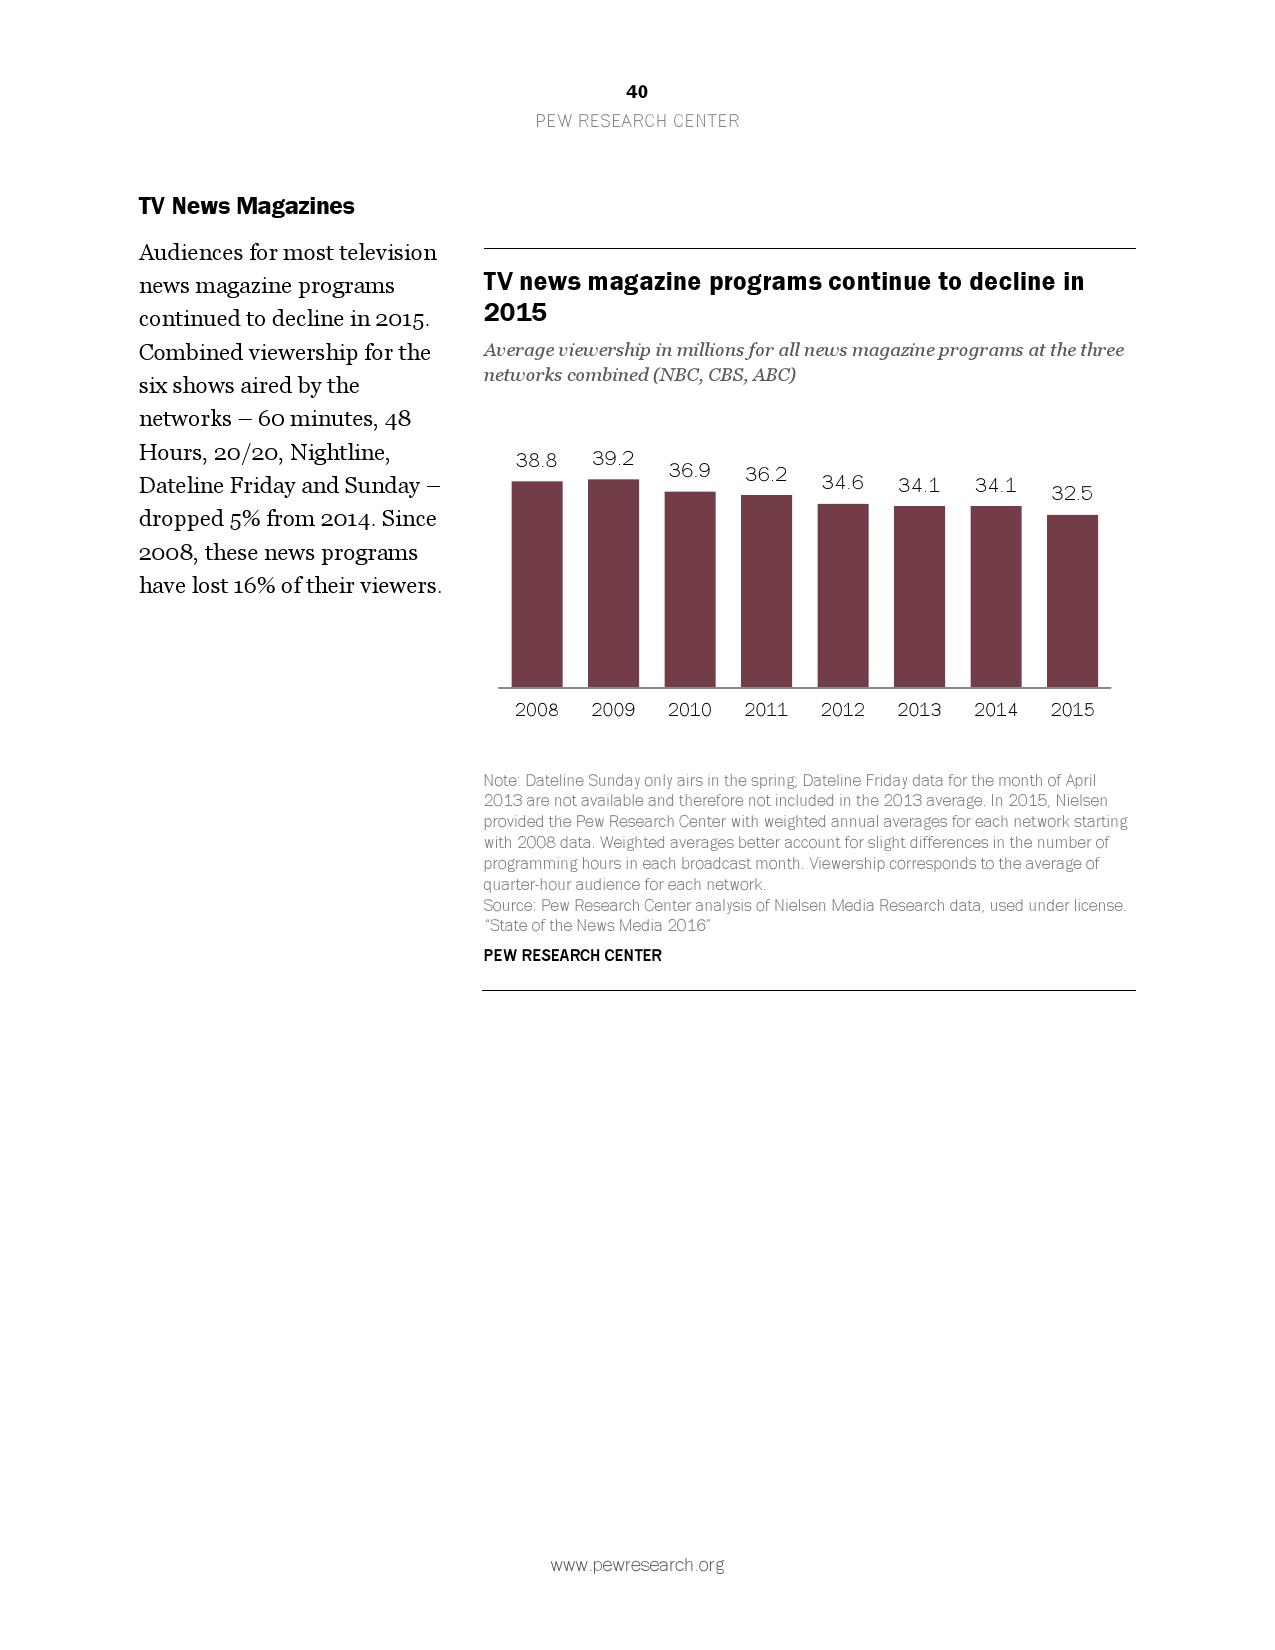 2016美国新媒体研究报告_000040